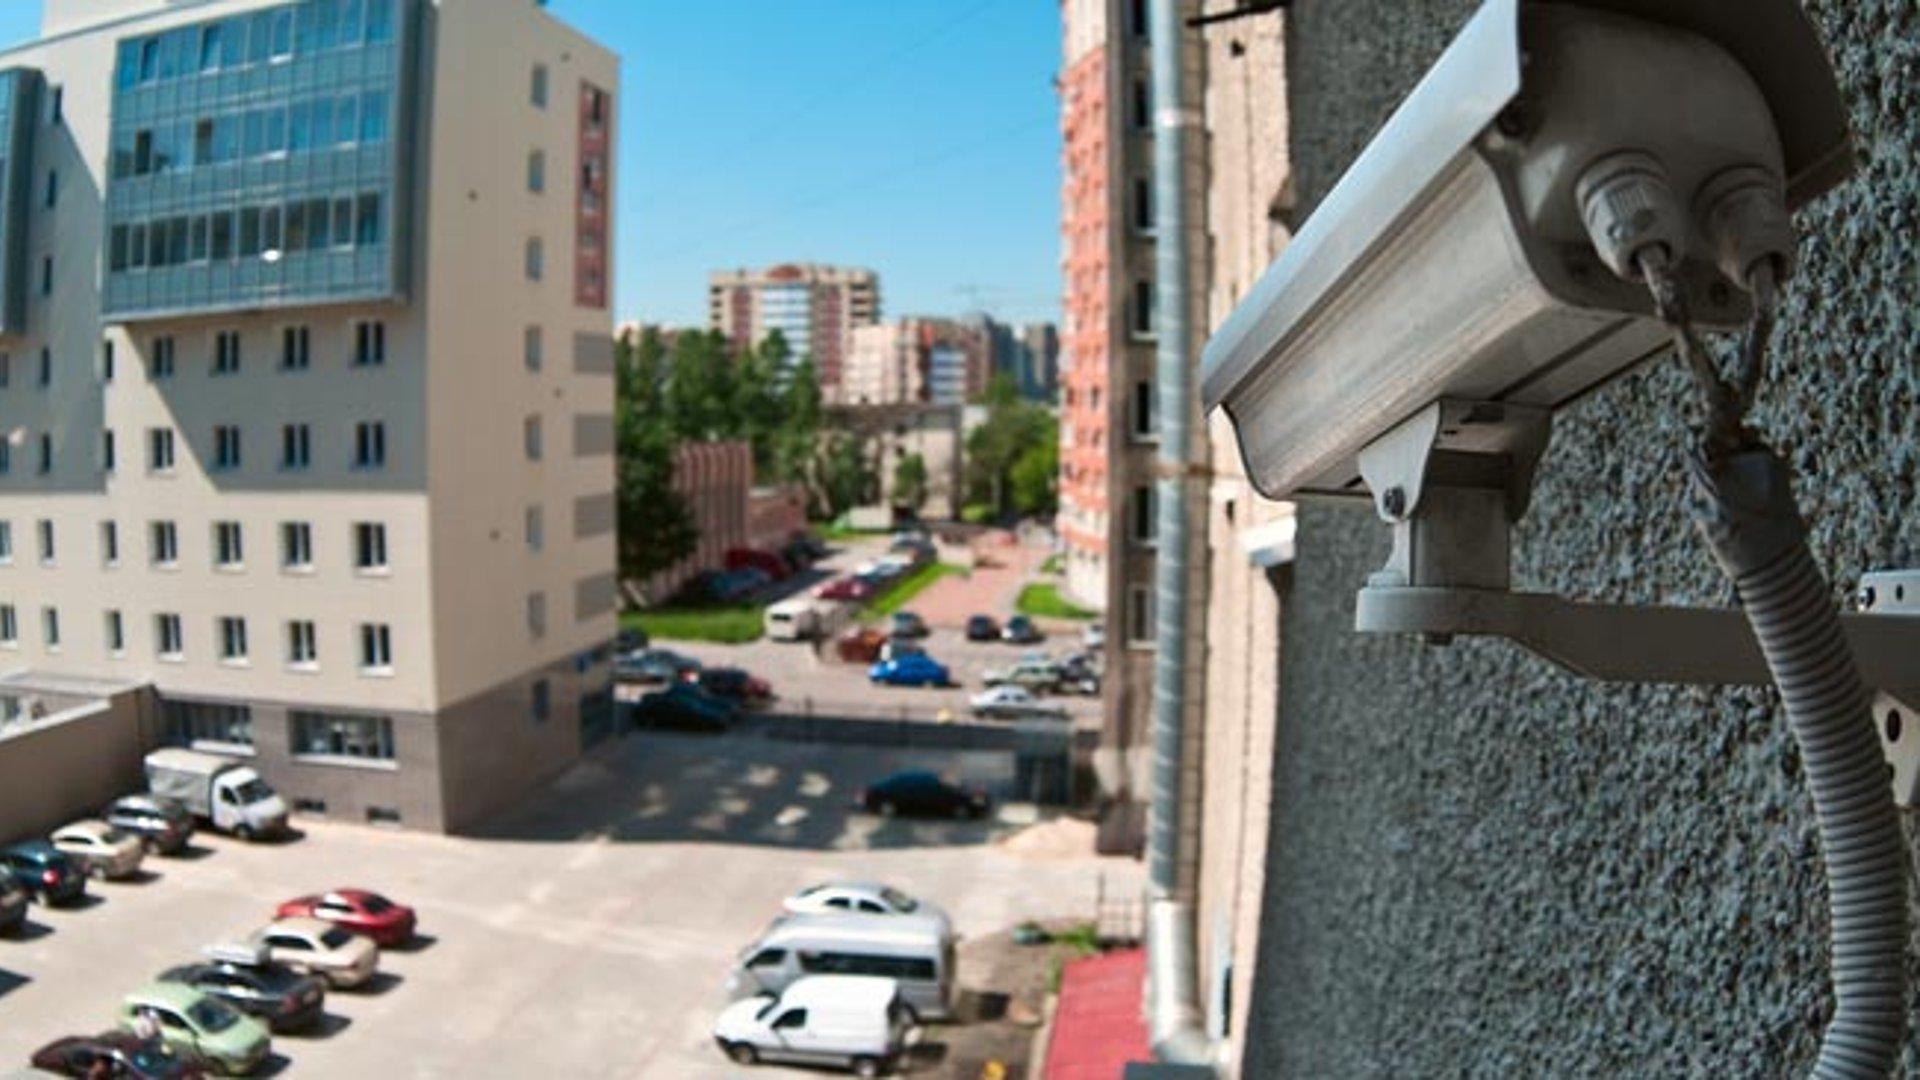 Security Cameras Surveillance Home